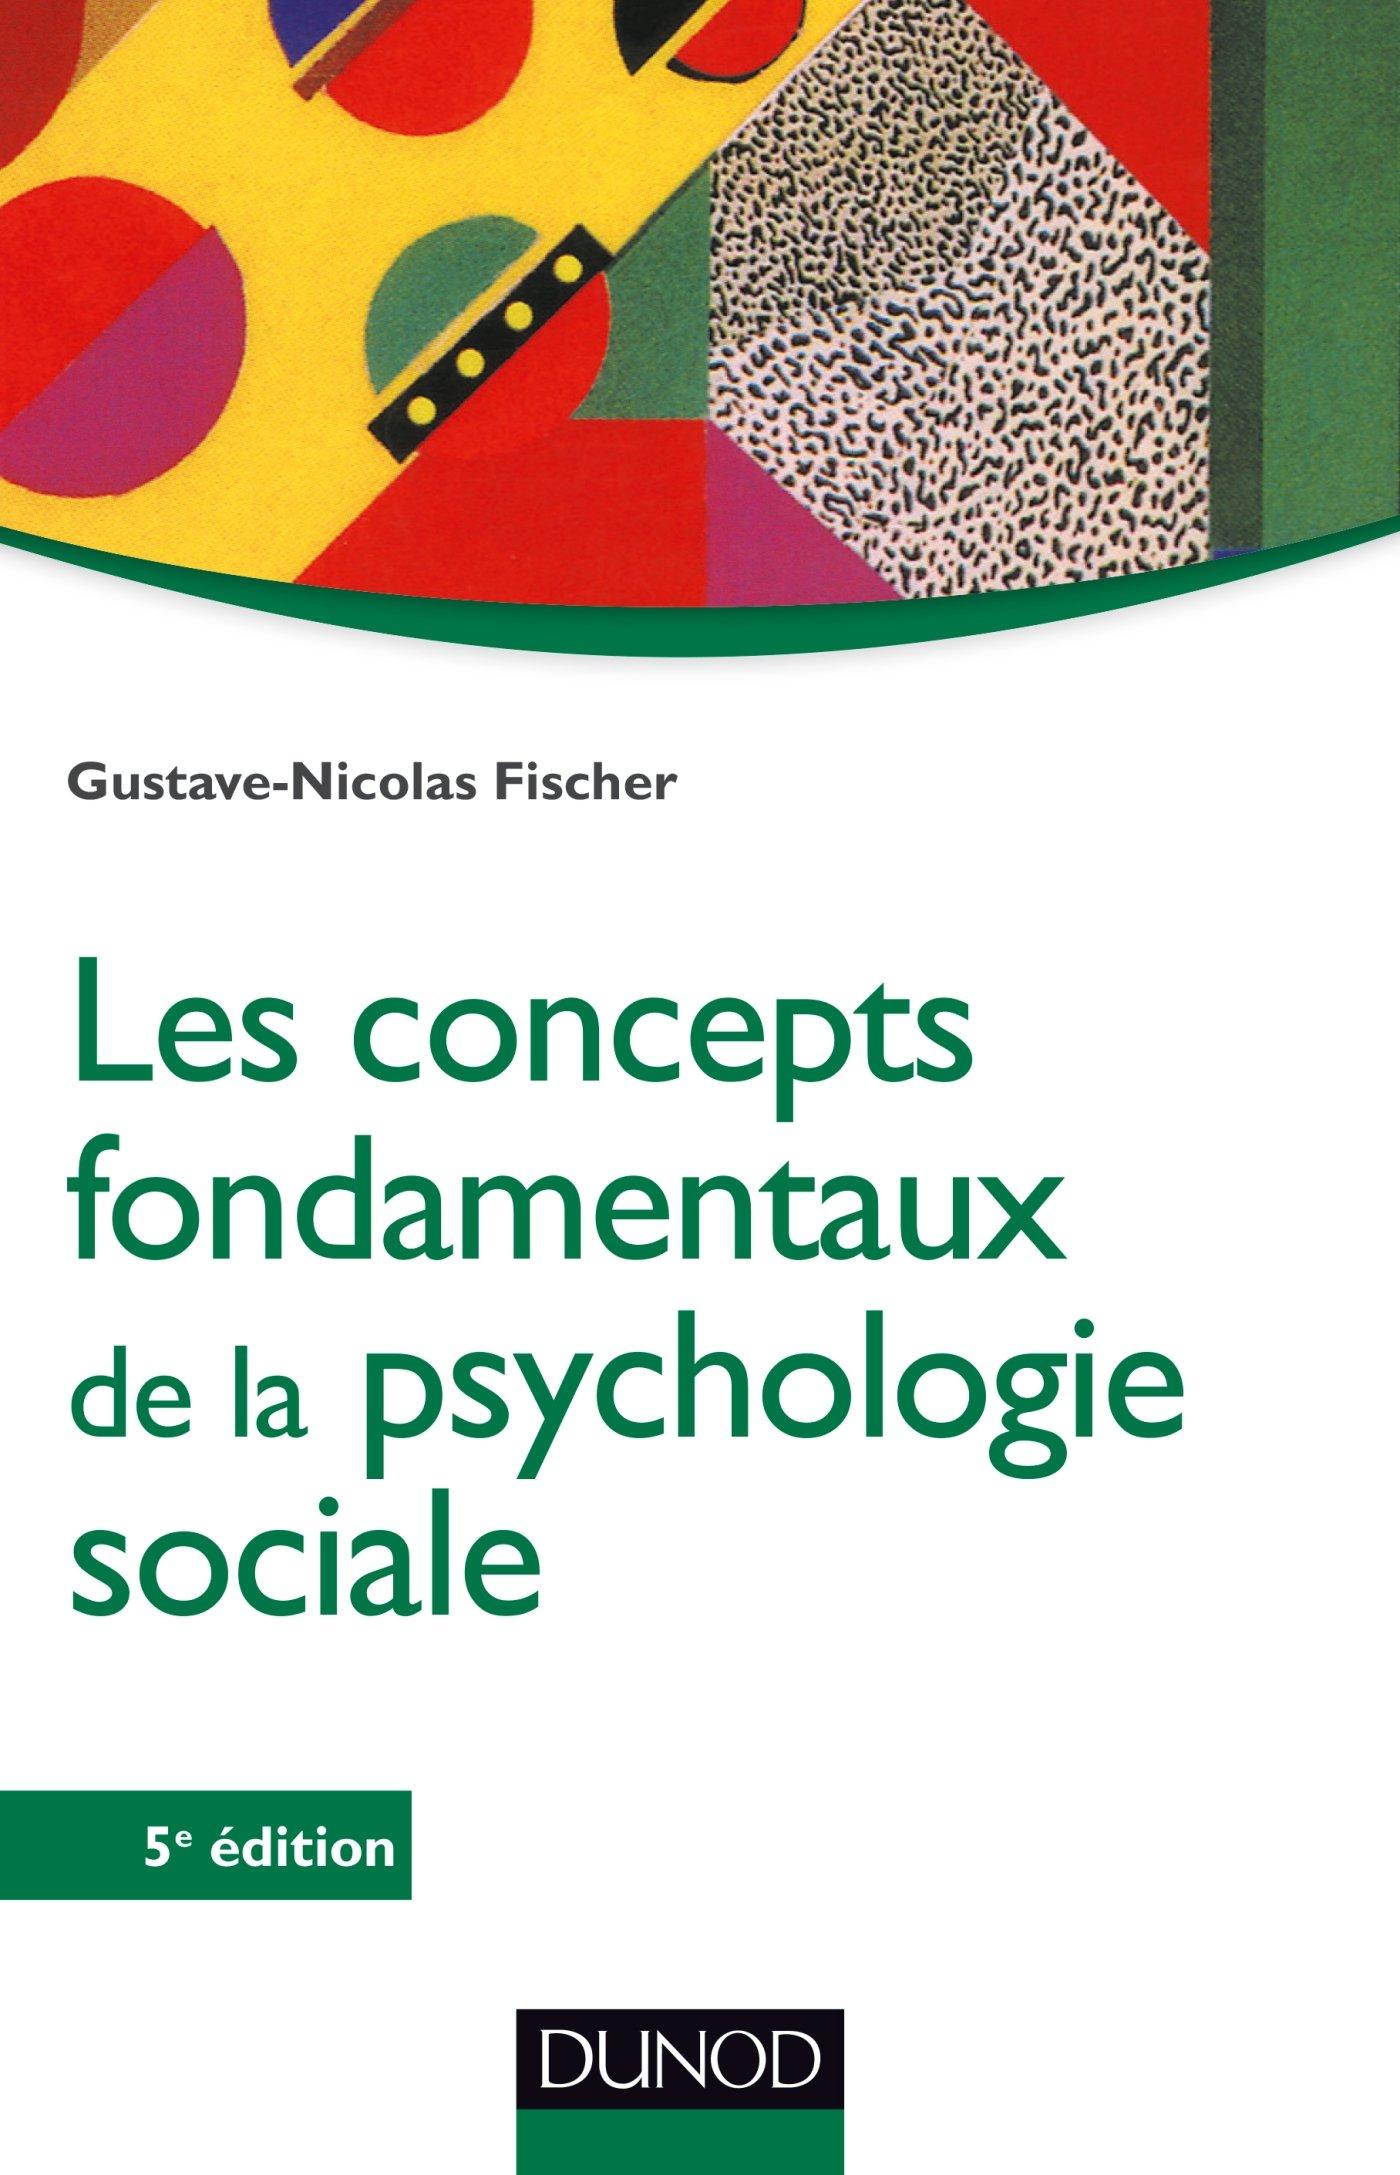 Les concepts fondamentaux de la psychologie social...